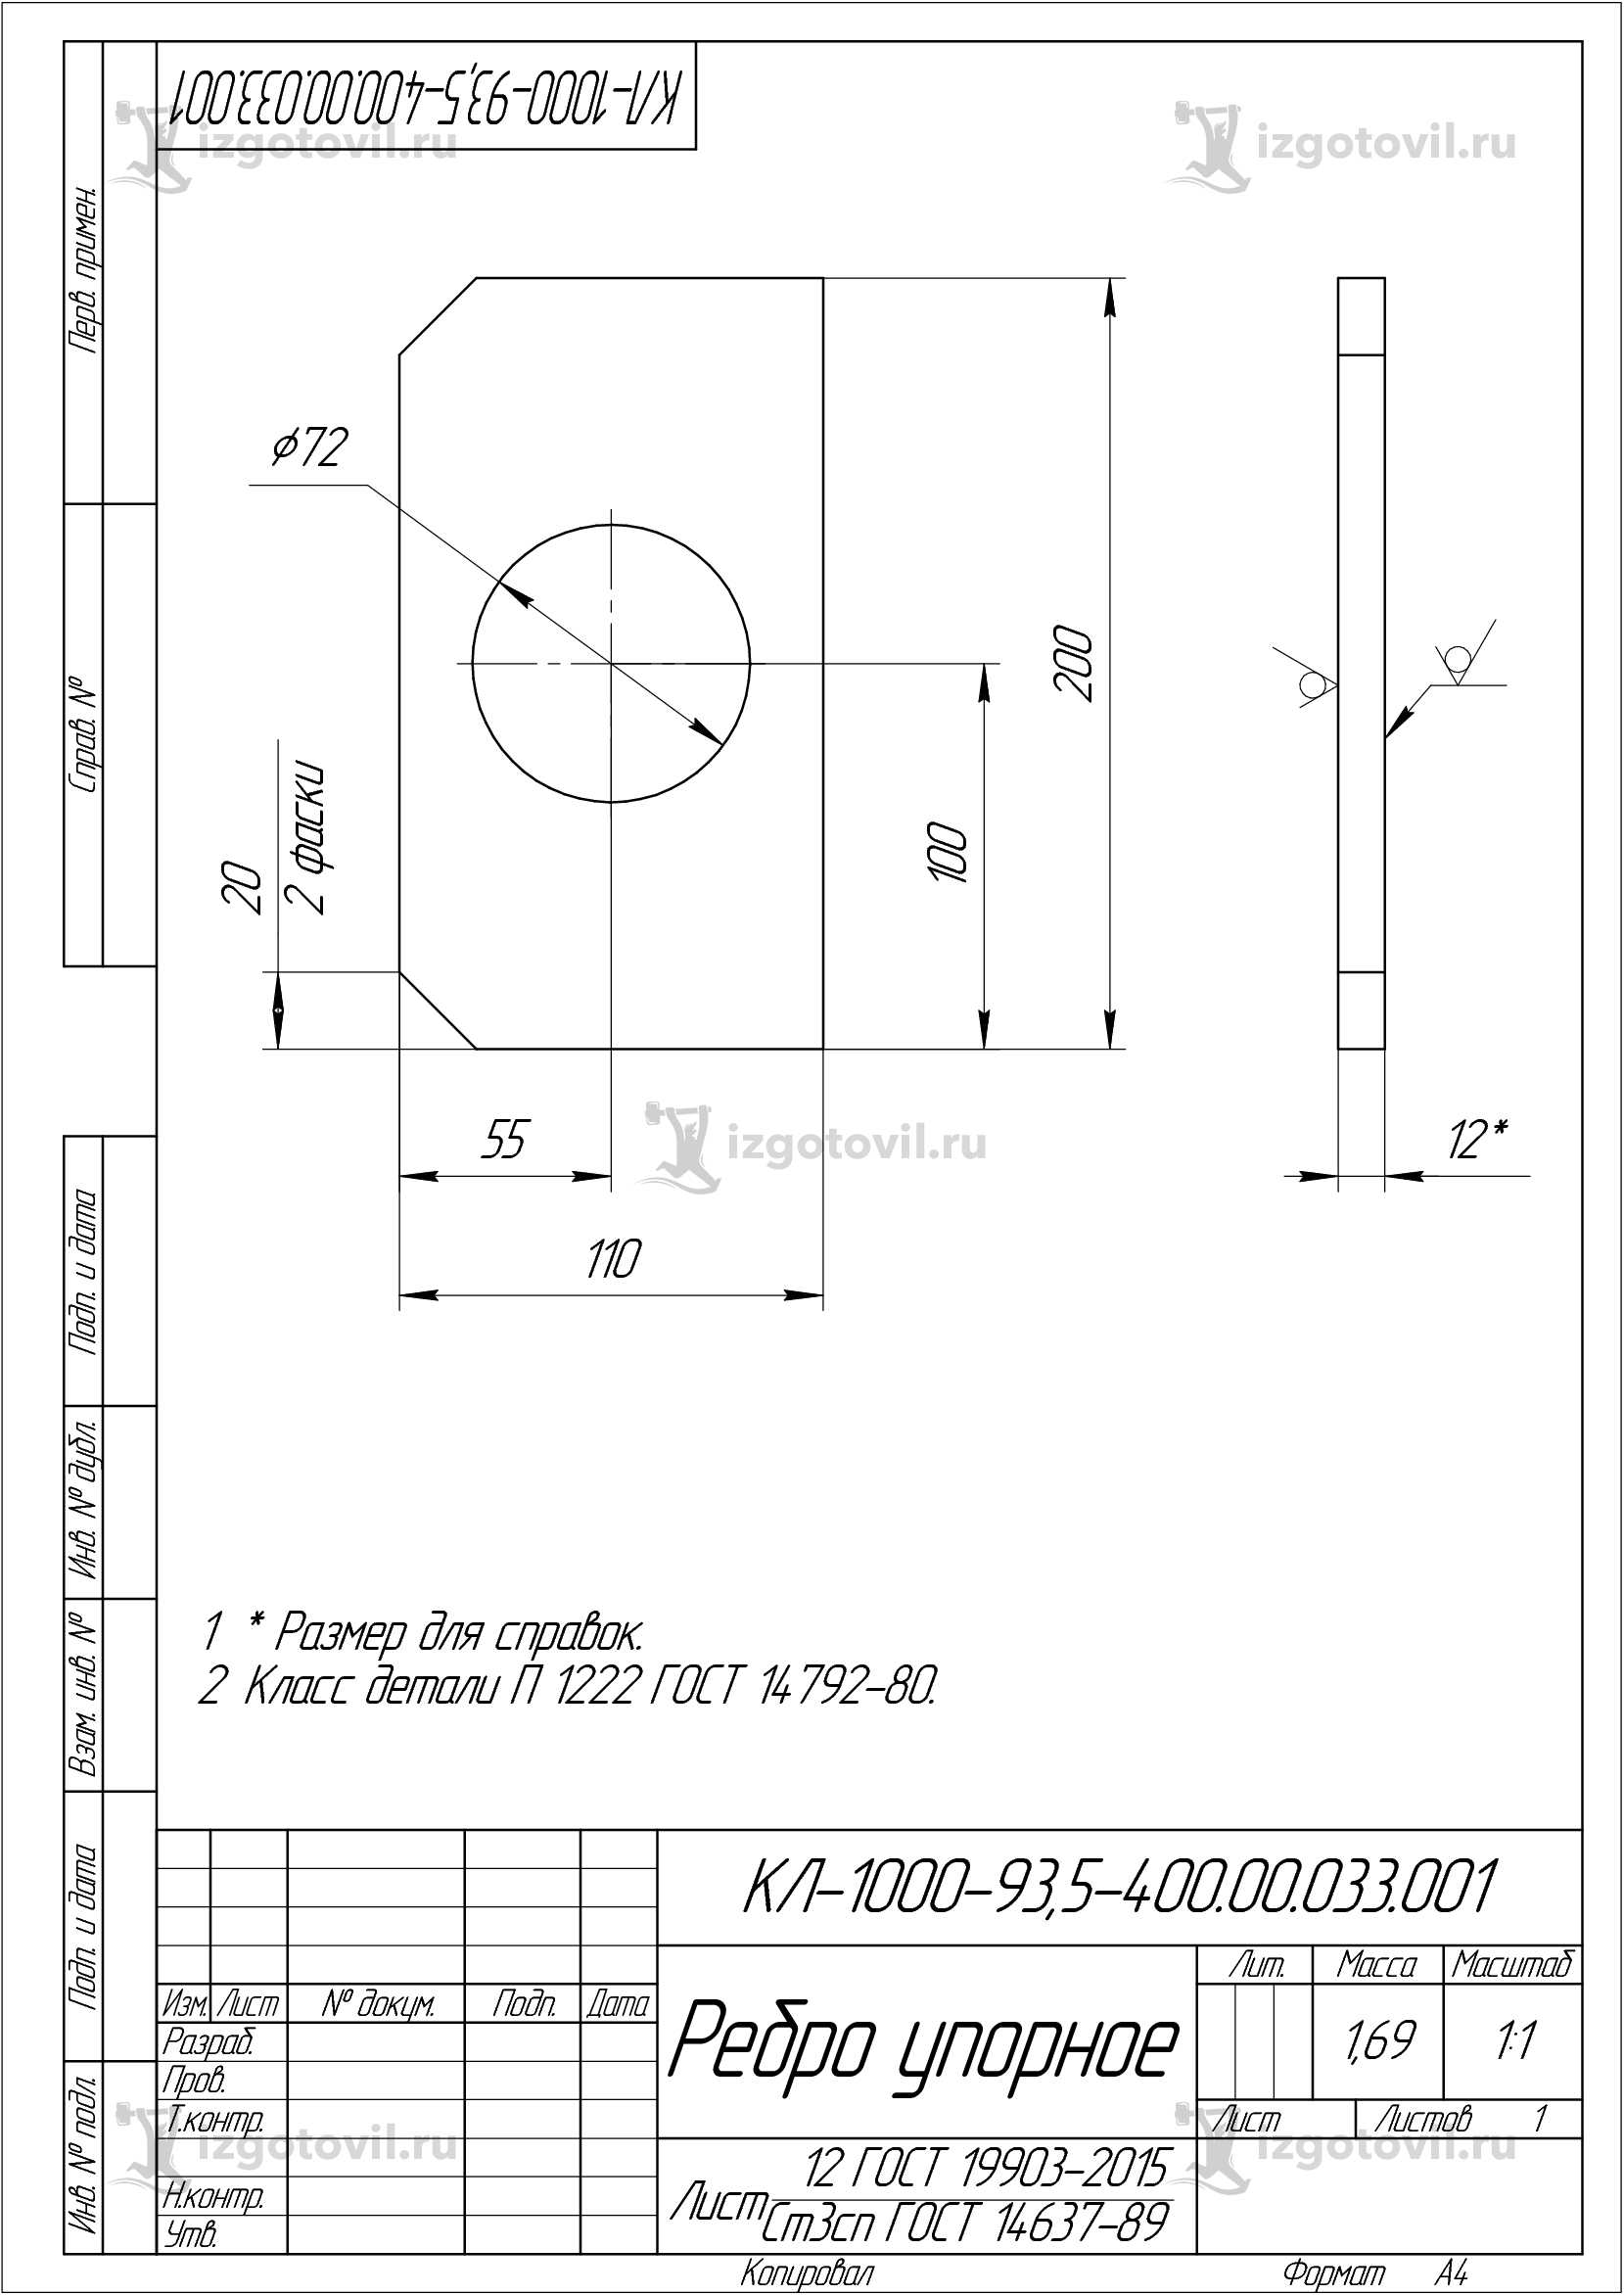 Изготовление деталей оборудования (натяжные устройства для ленточных конвейеров)